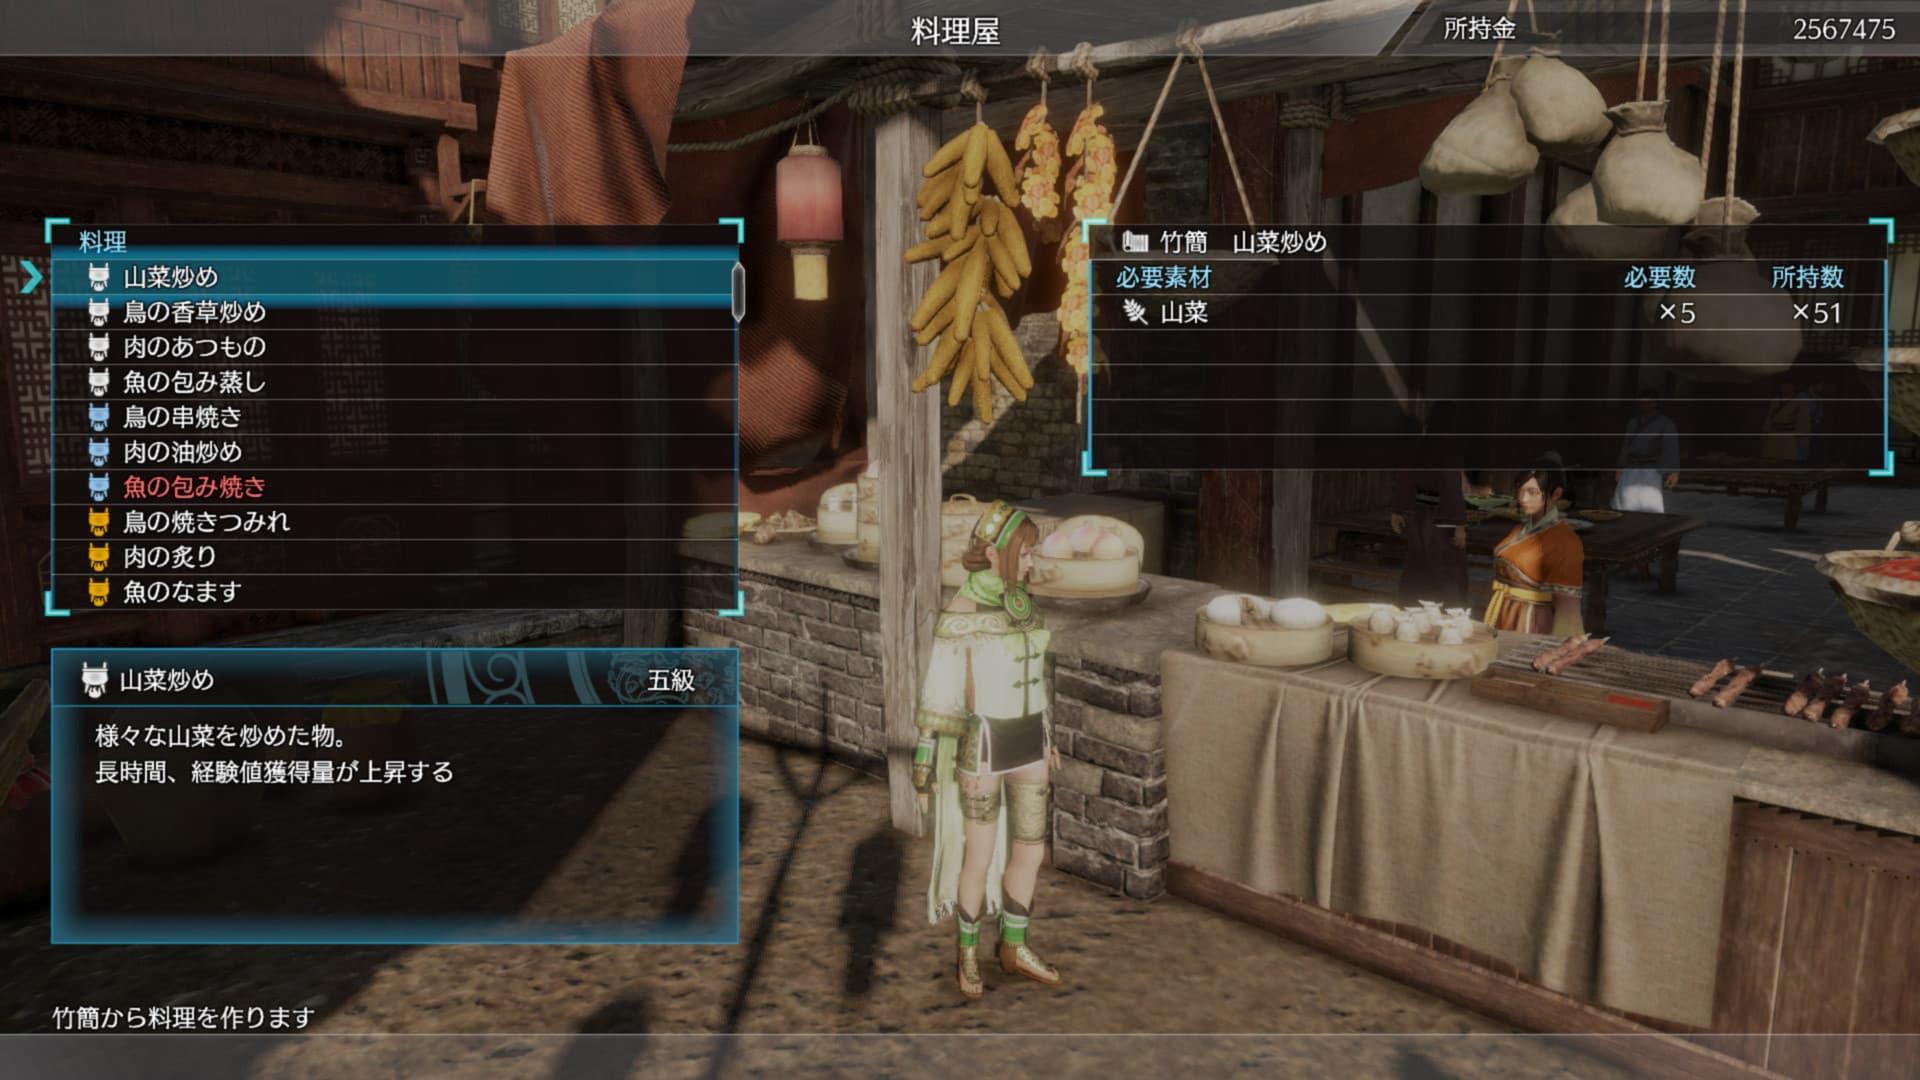 Xbox One Dynasty Warriors 9